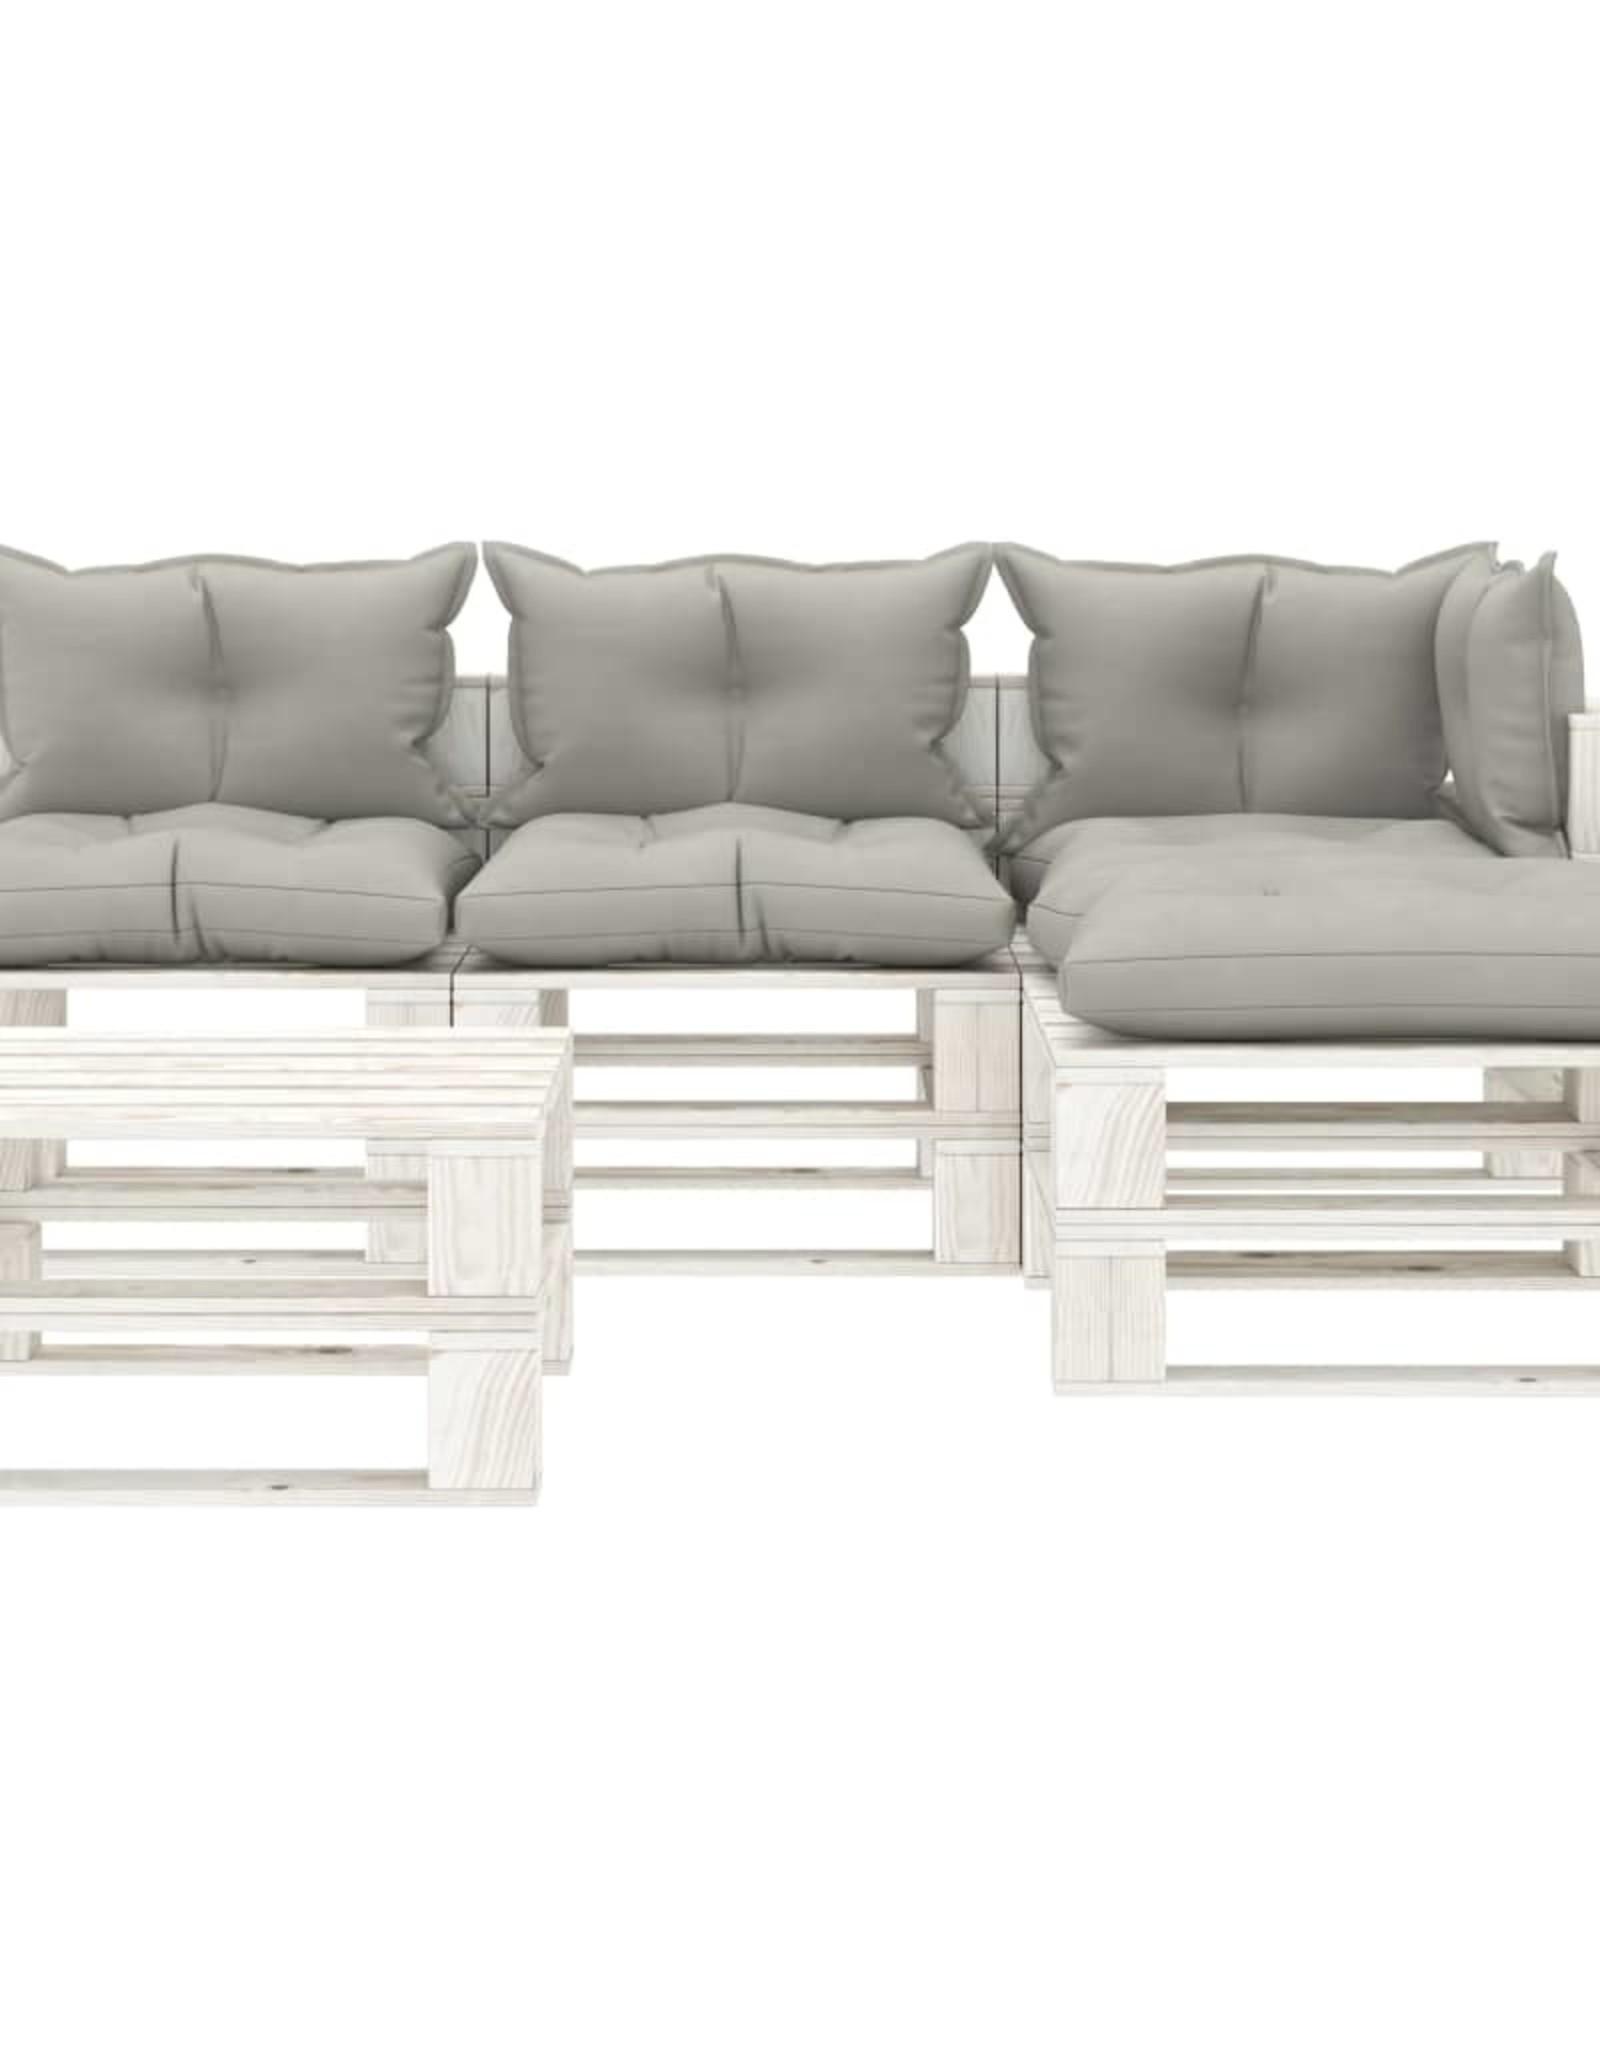 5-delige Loungeset met taupekleurige kussens pallet hout